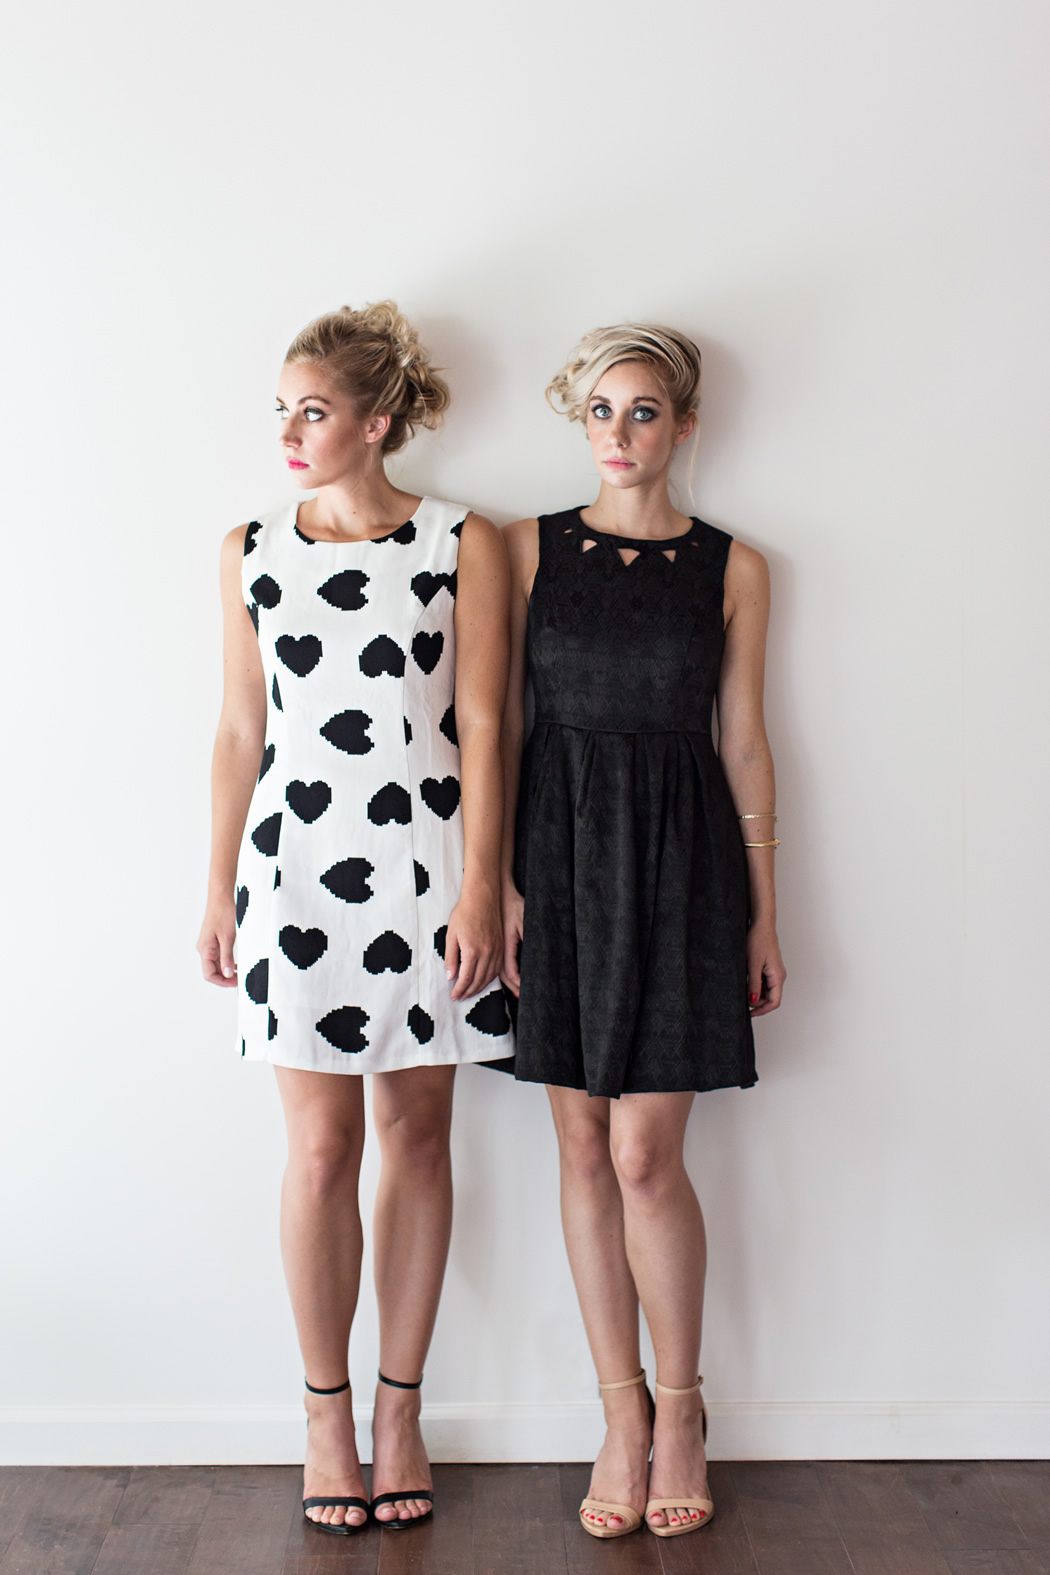 fashionColumnTwins_modern_057